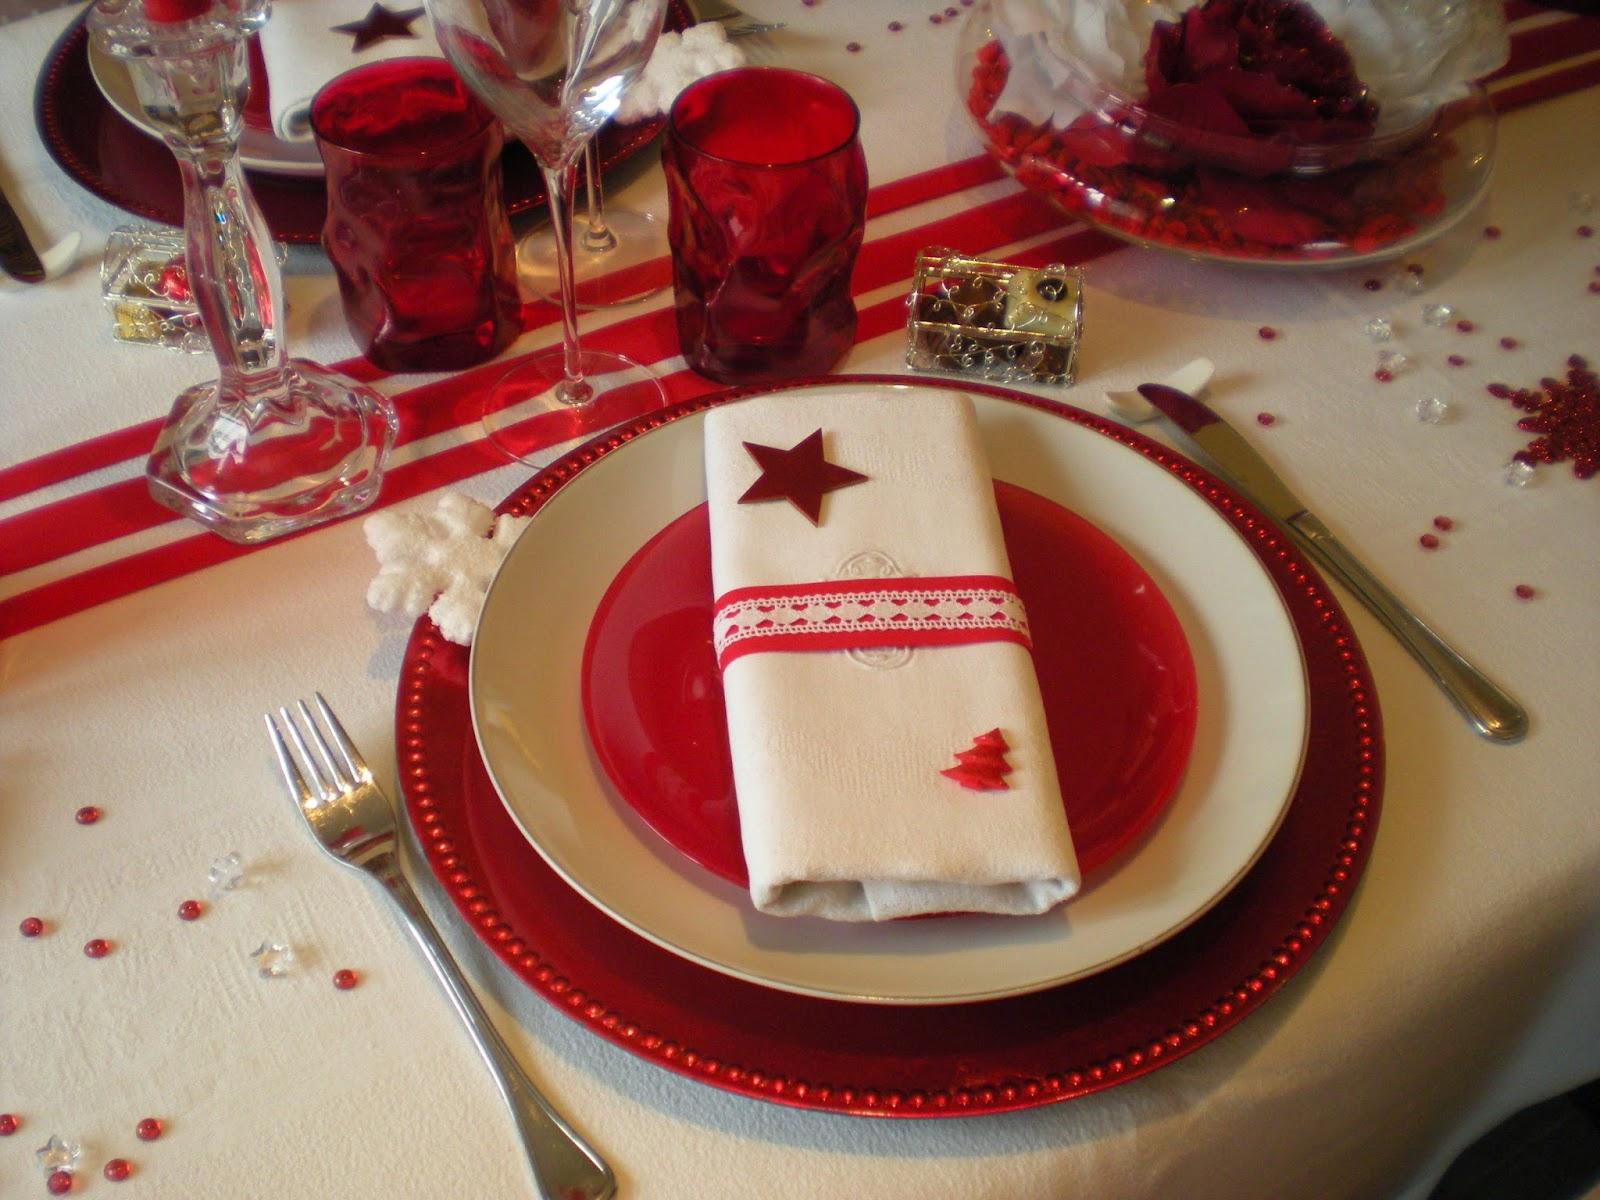 Enfin un petit ballotin de chocolats met le point final for Comdecoration de noel rouge et blanc